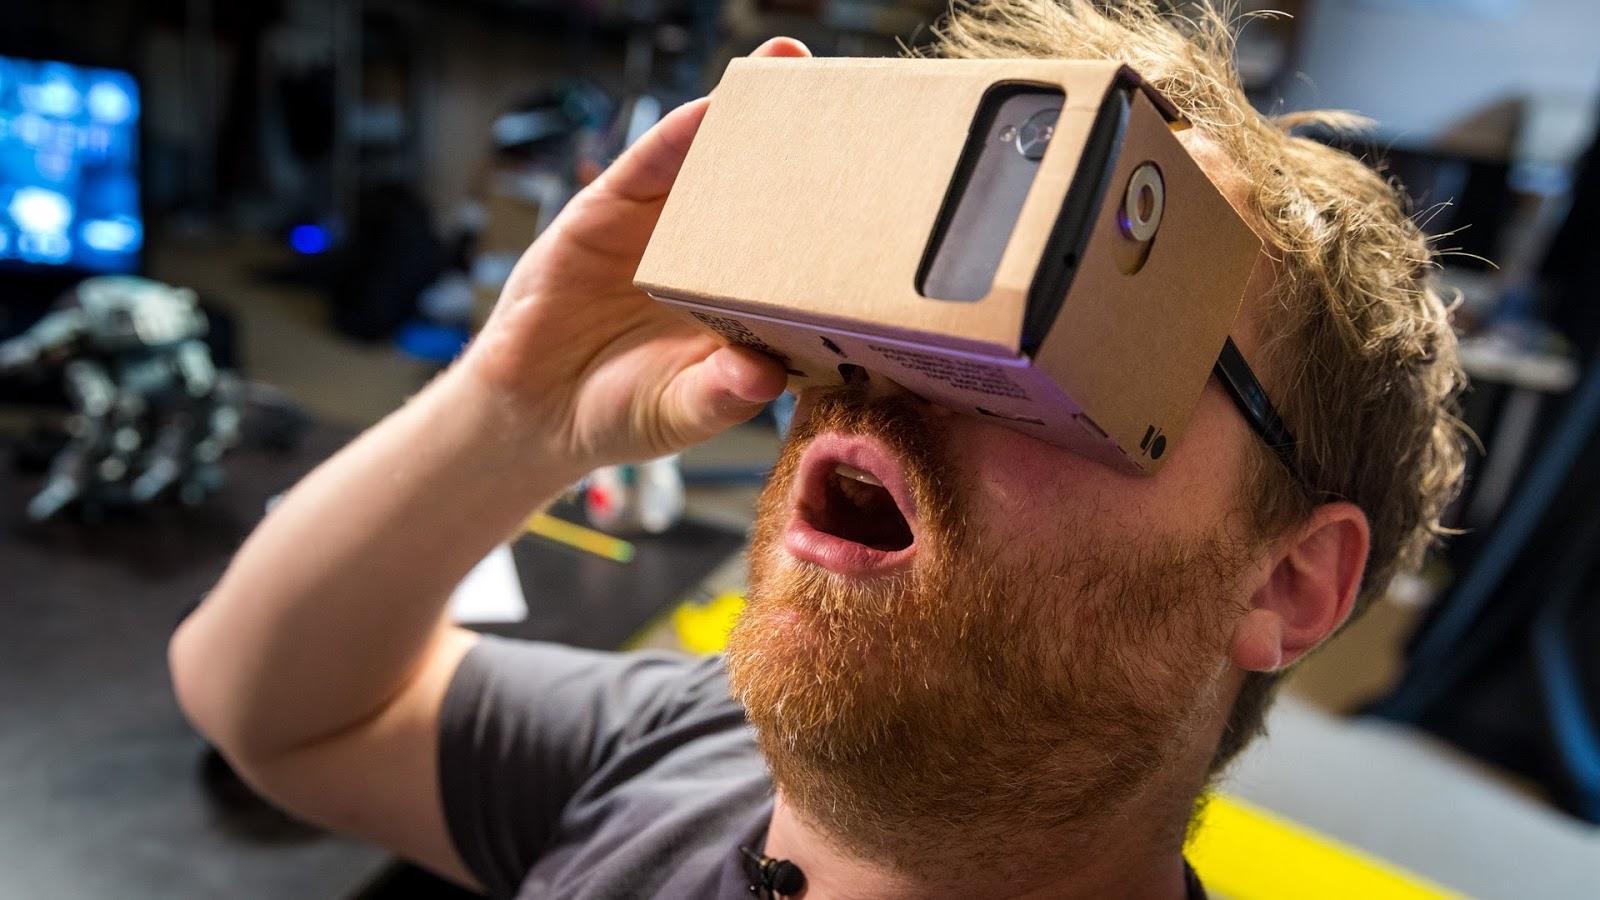 VR mobile apps